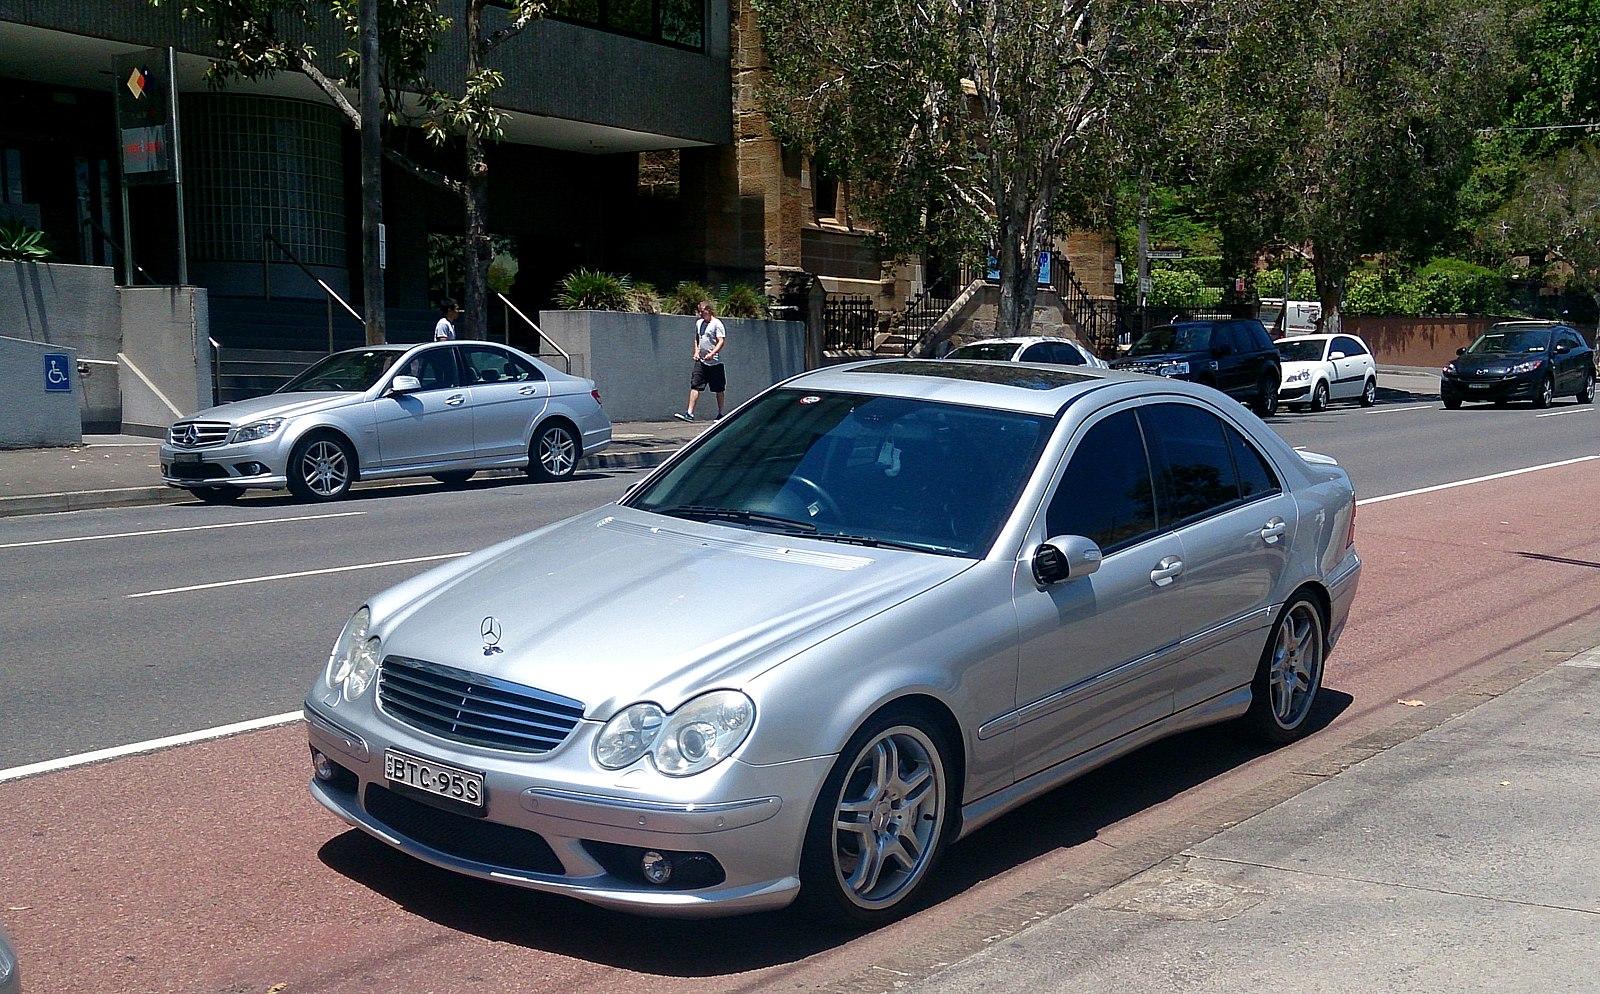 silver-c55-amg